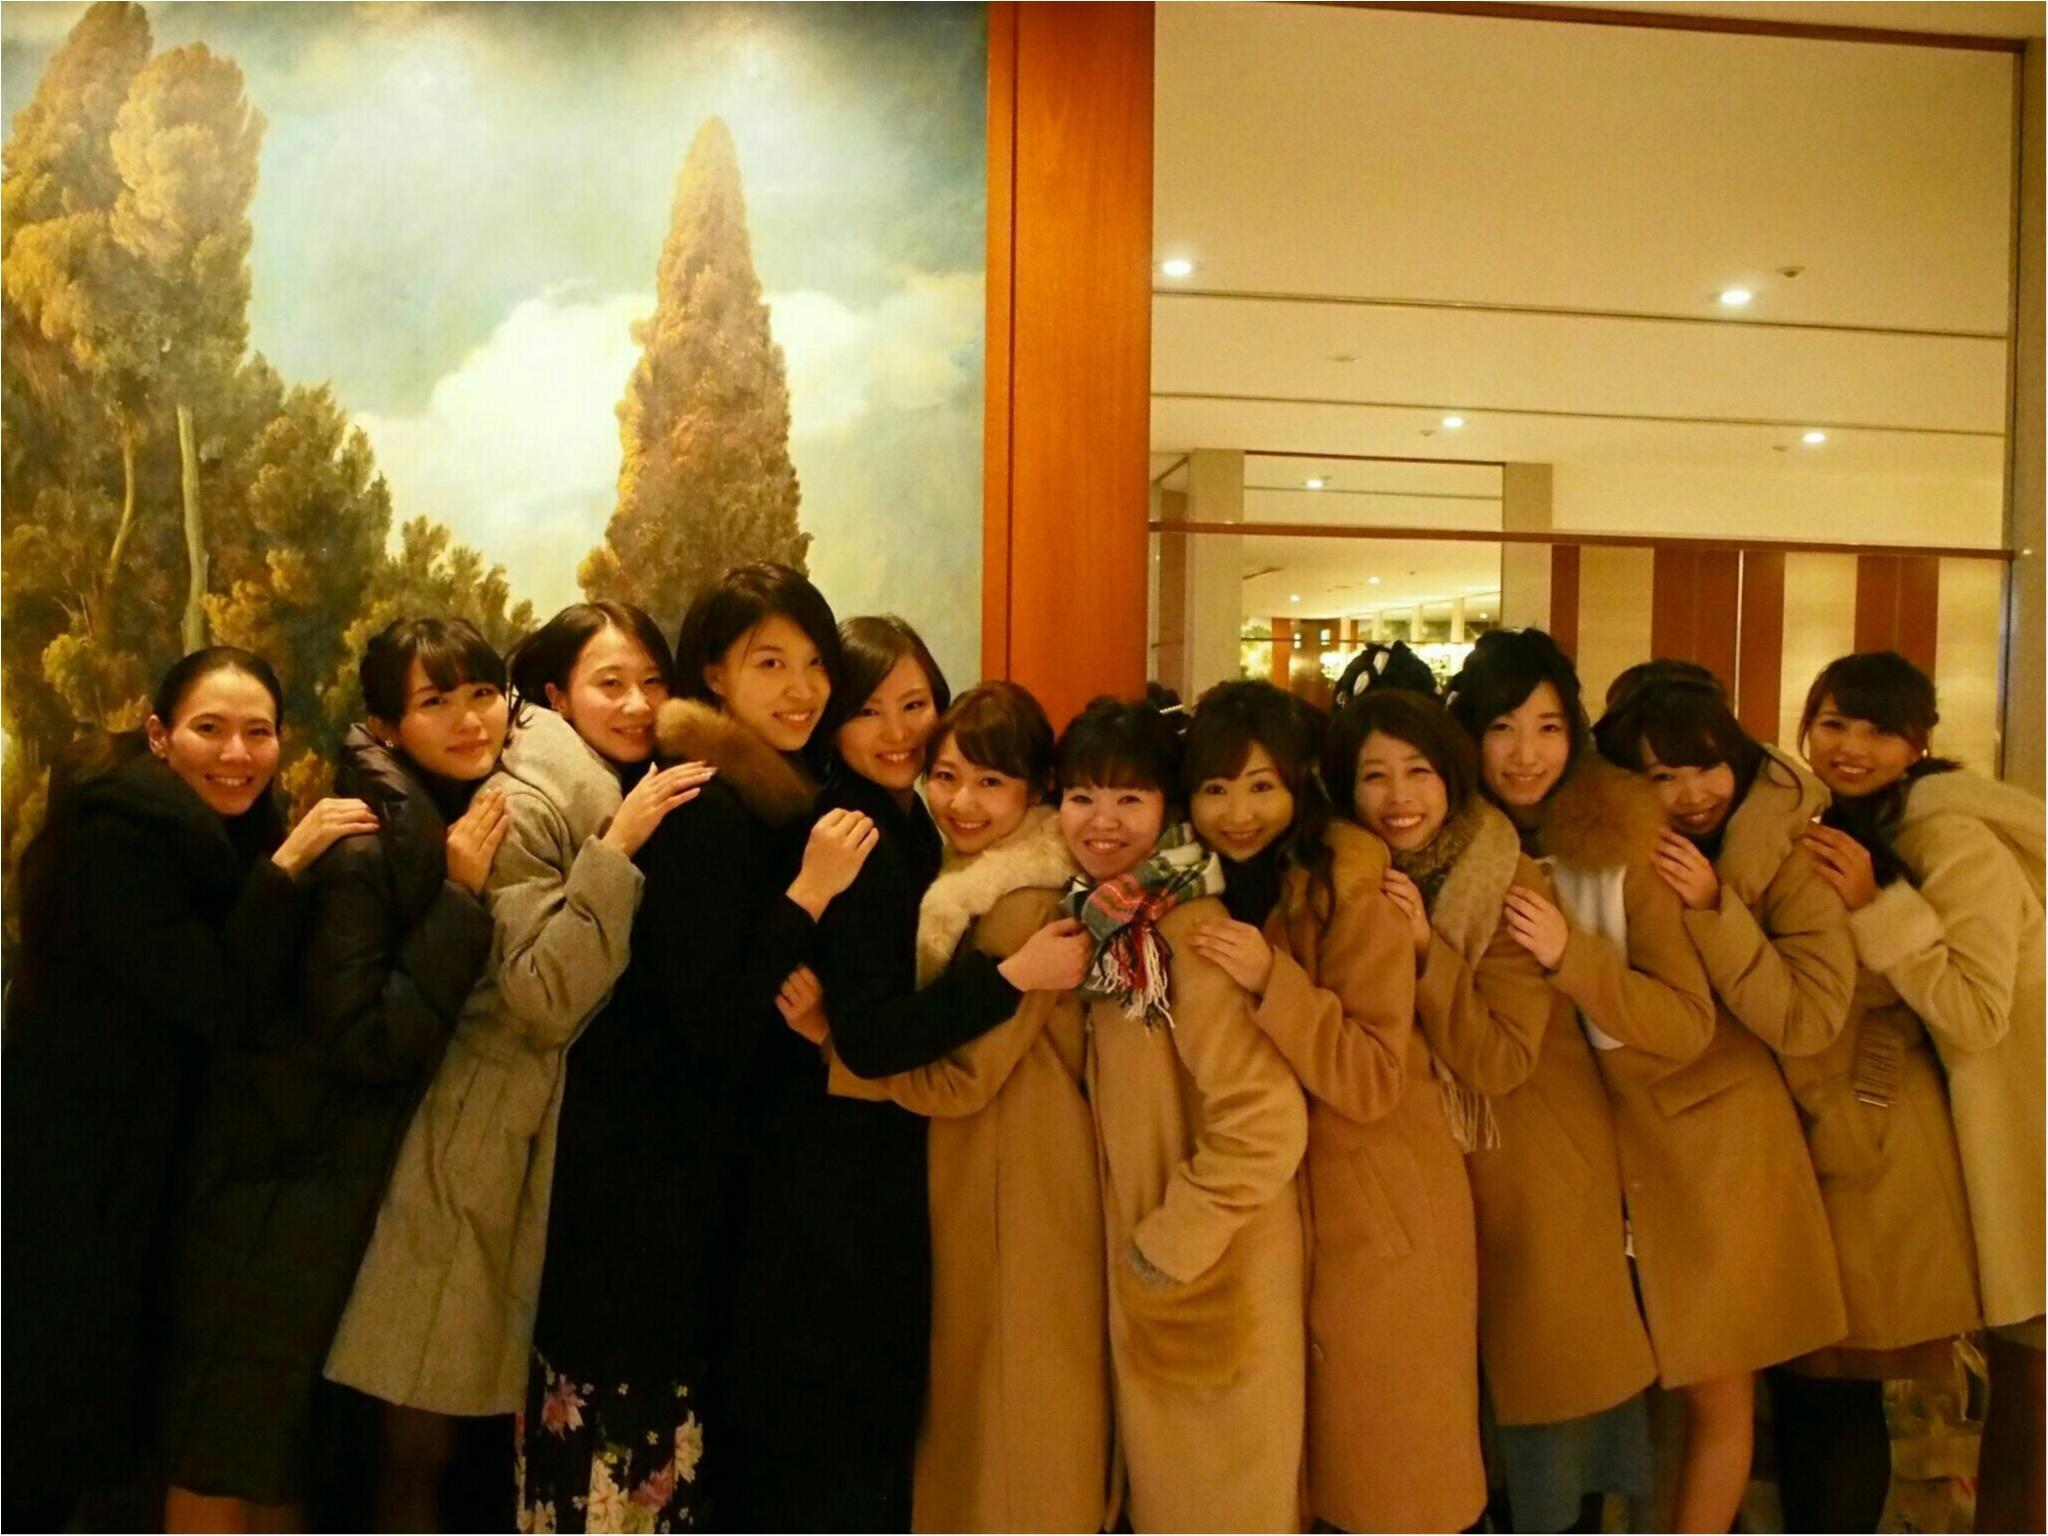 モアハピ部大集合!パークハイアット東京での大女子会をレポート✨新規部員募集開始ももうすぐ!≪samenyan≫_14